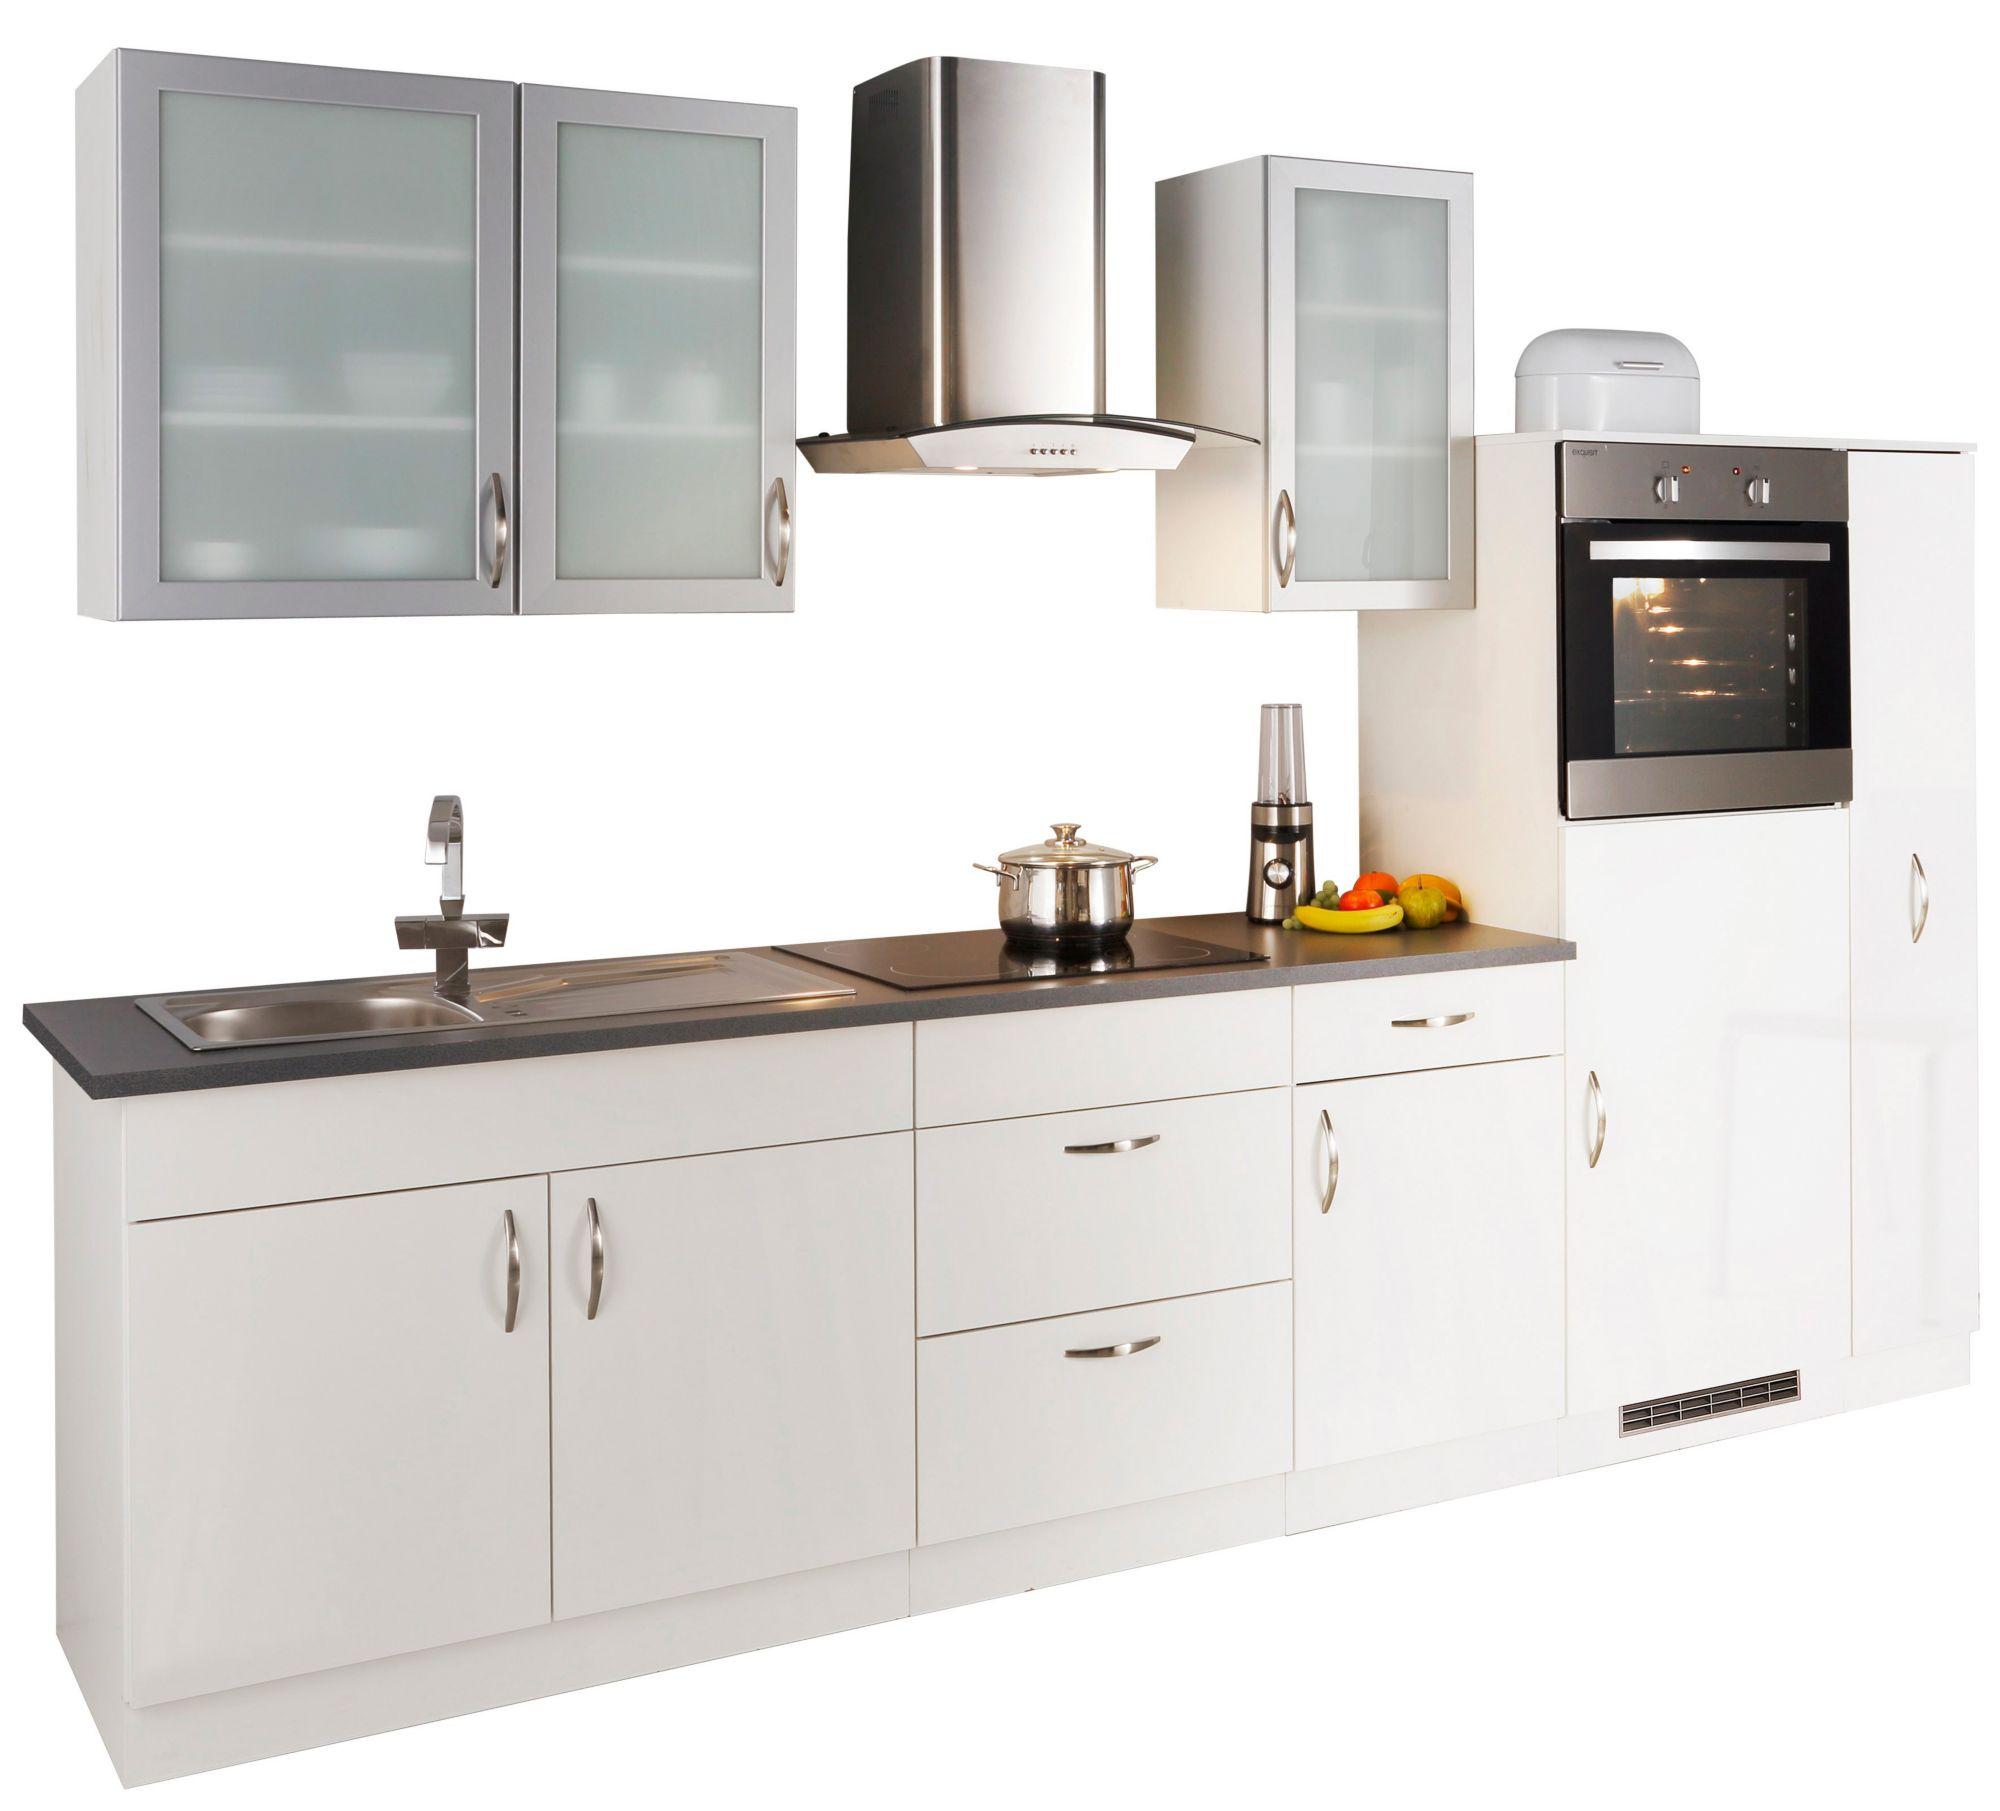 k chenzeile mit elektroger ten peru breite 270 cm. Black Bedroom Furniture Sets. Home Design Ideas